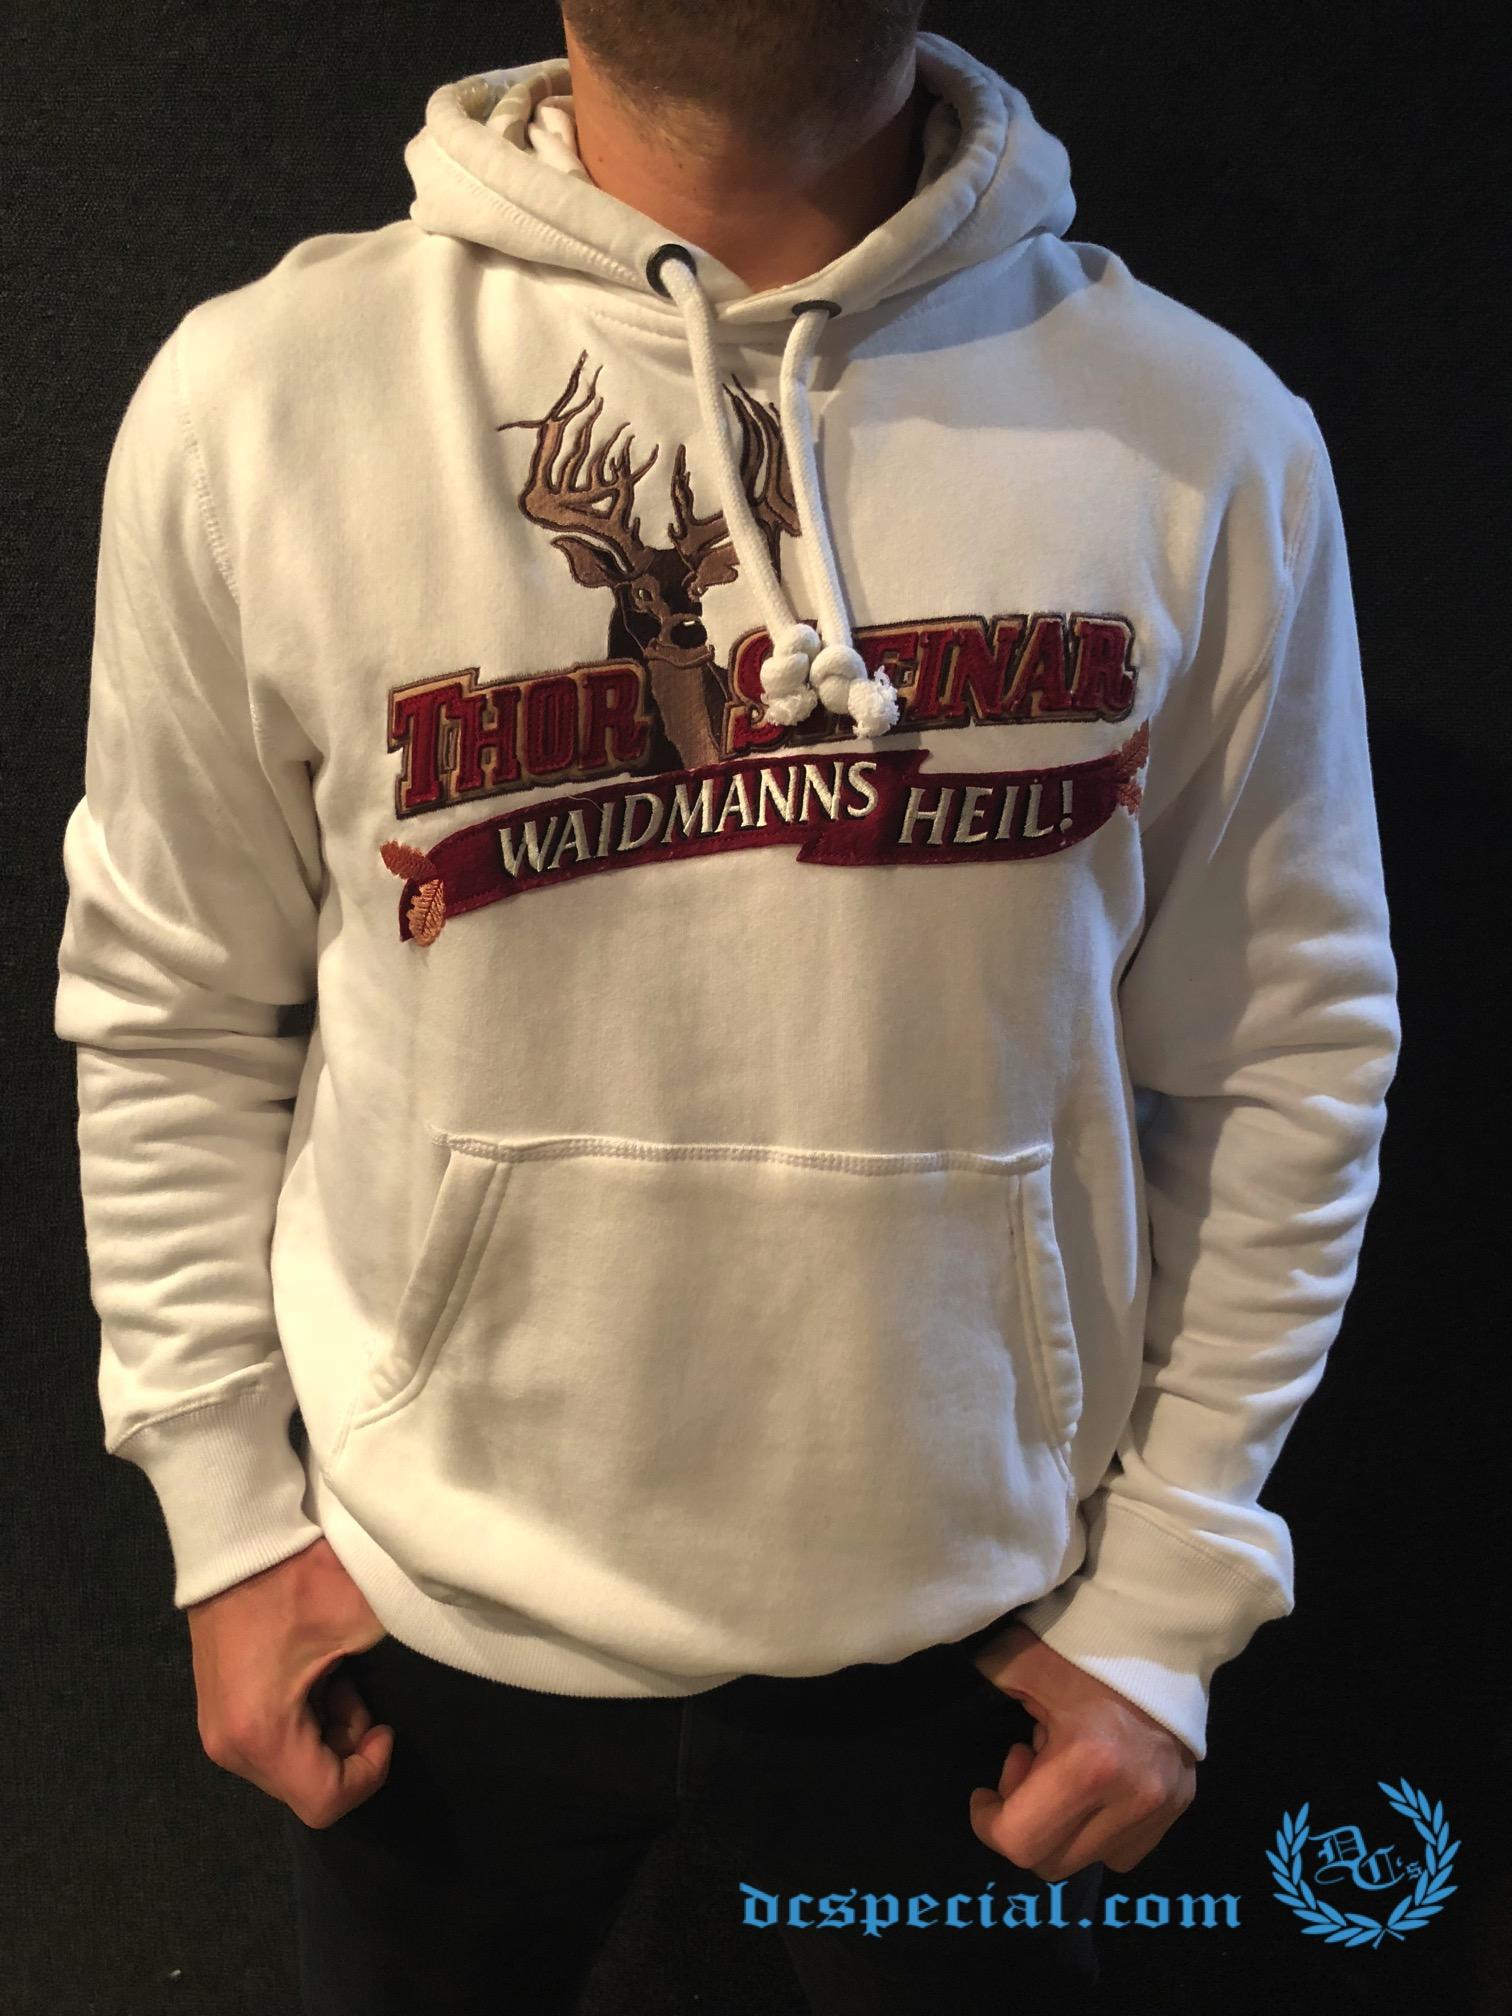 Thor Steinar Hooded Sweater 'Waldsmann'